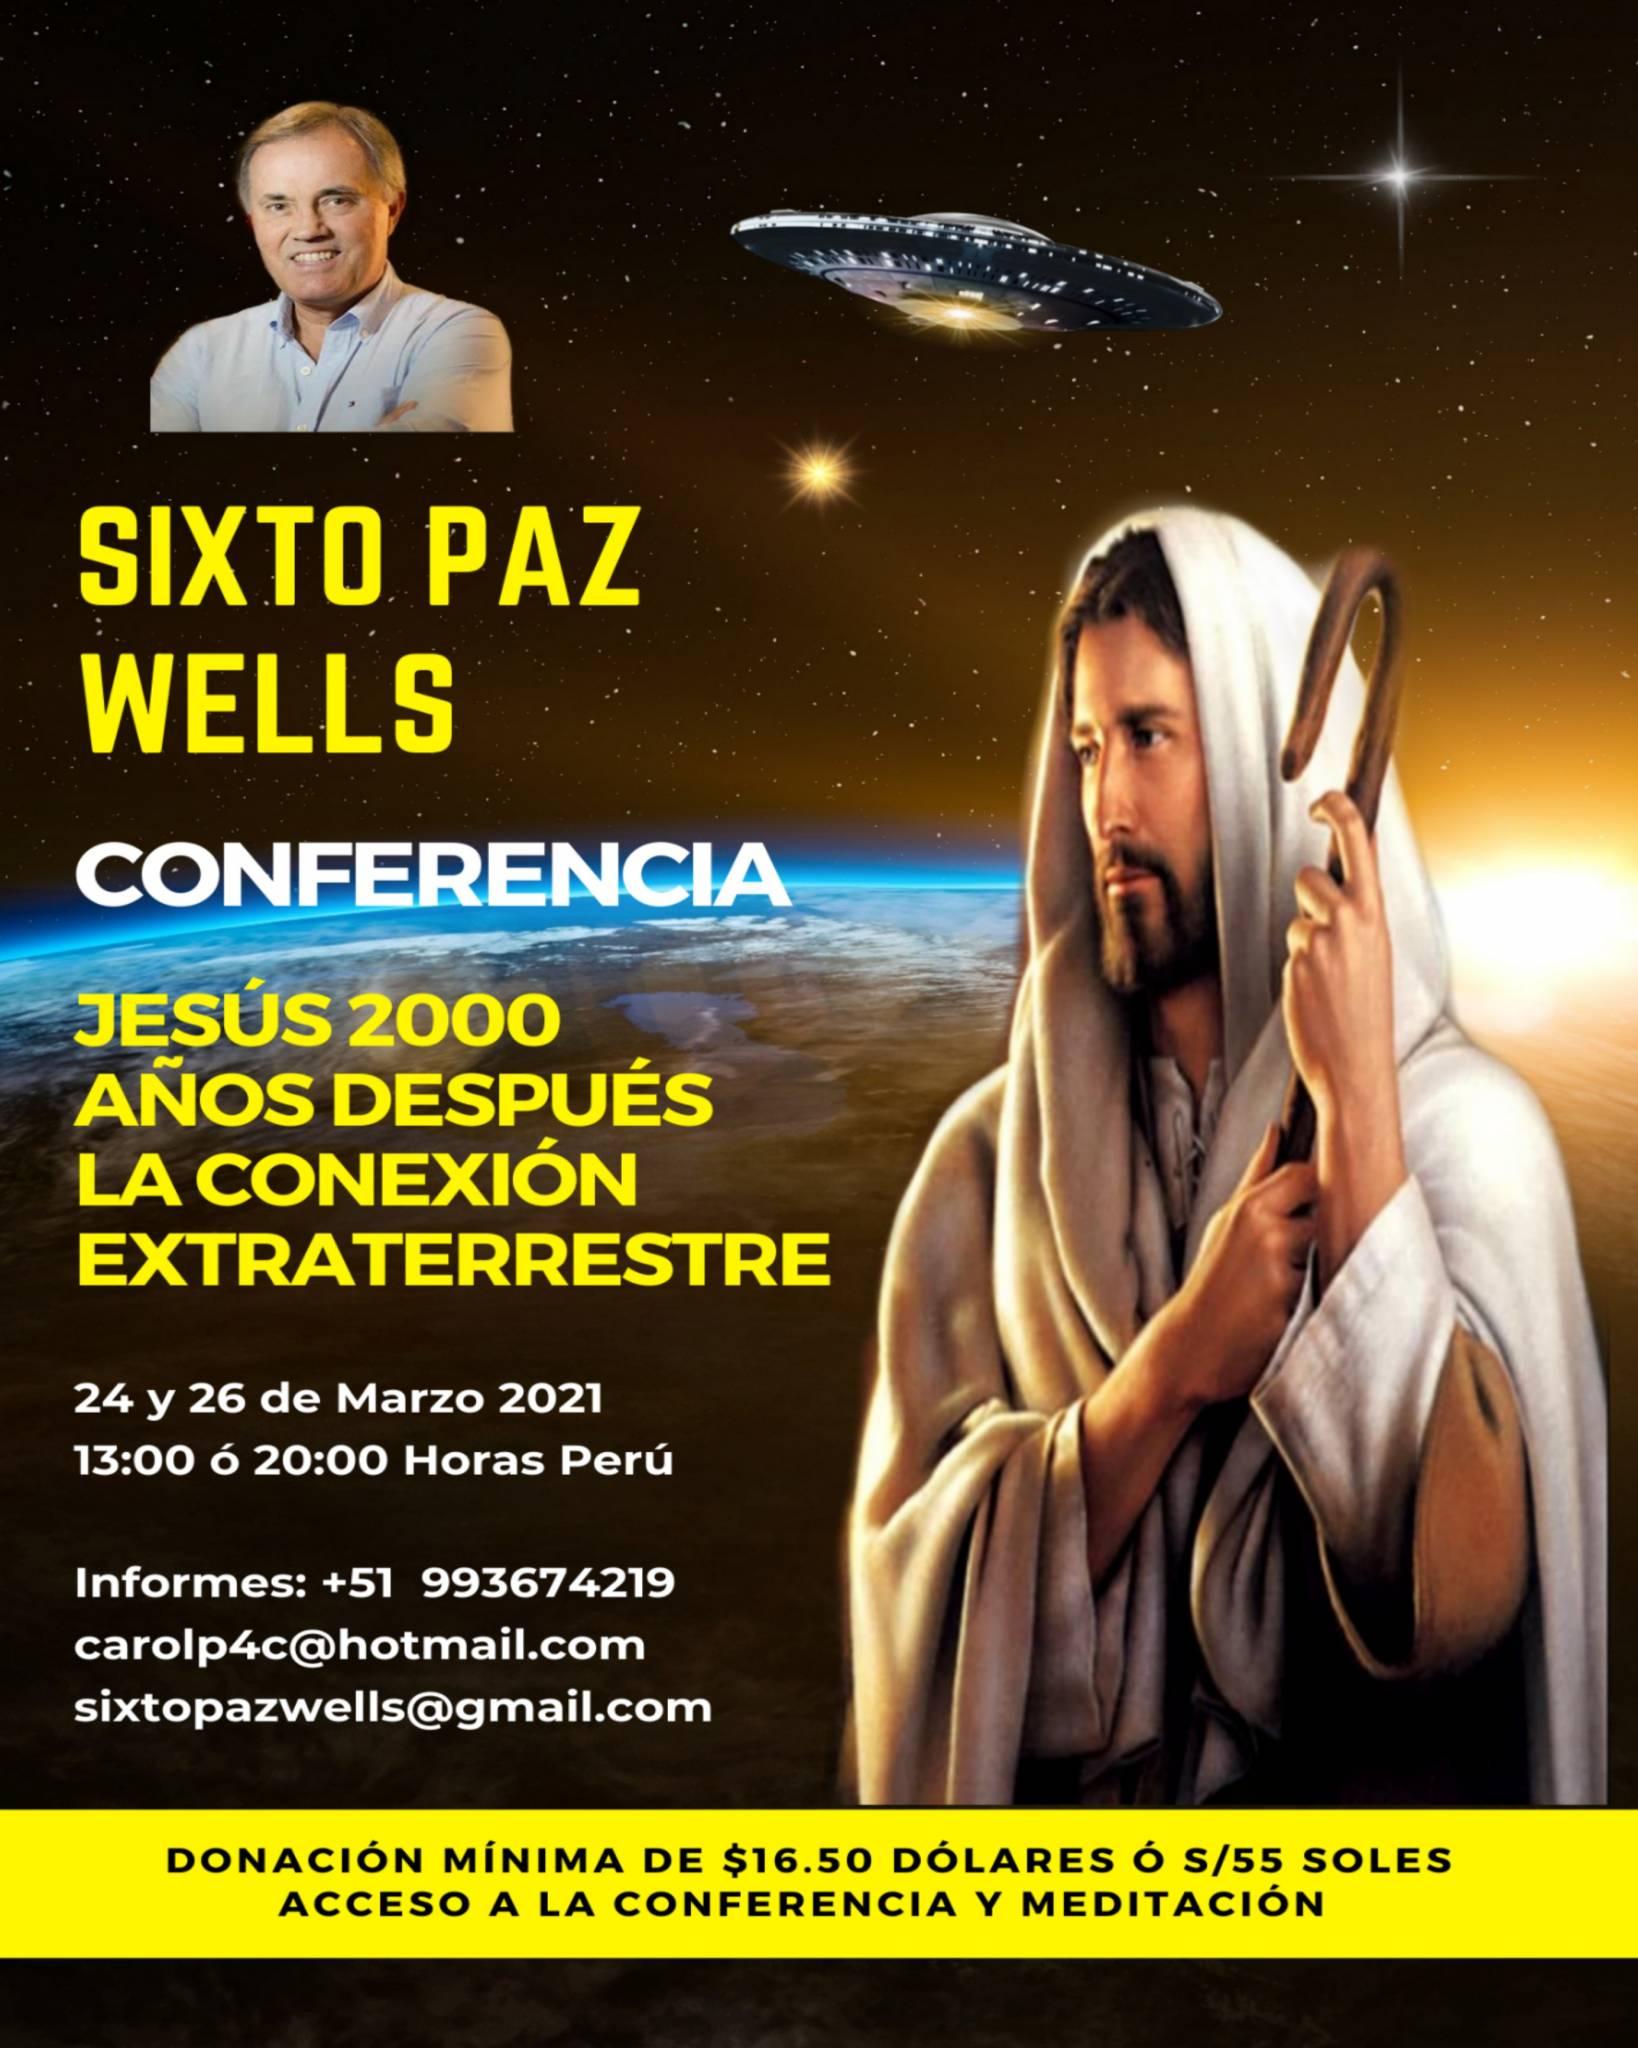 CONFERENCIA  «JESÚS 2000 AÑOS DESPUÉS LA CONEXIÓN EXTRATERRESTRE»